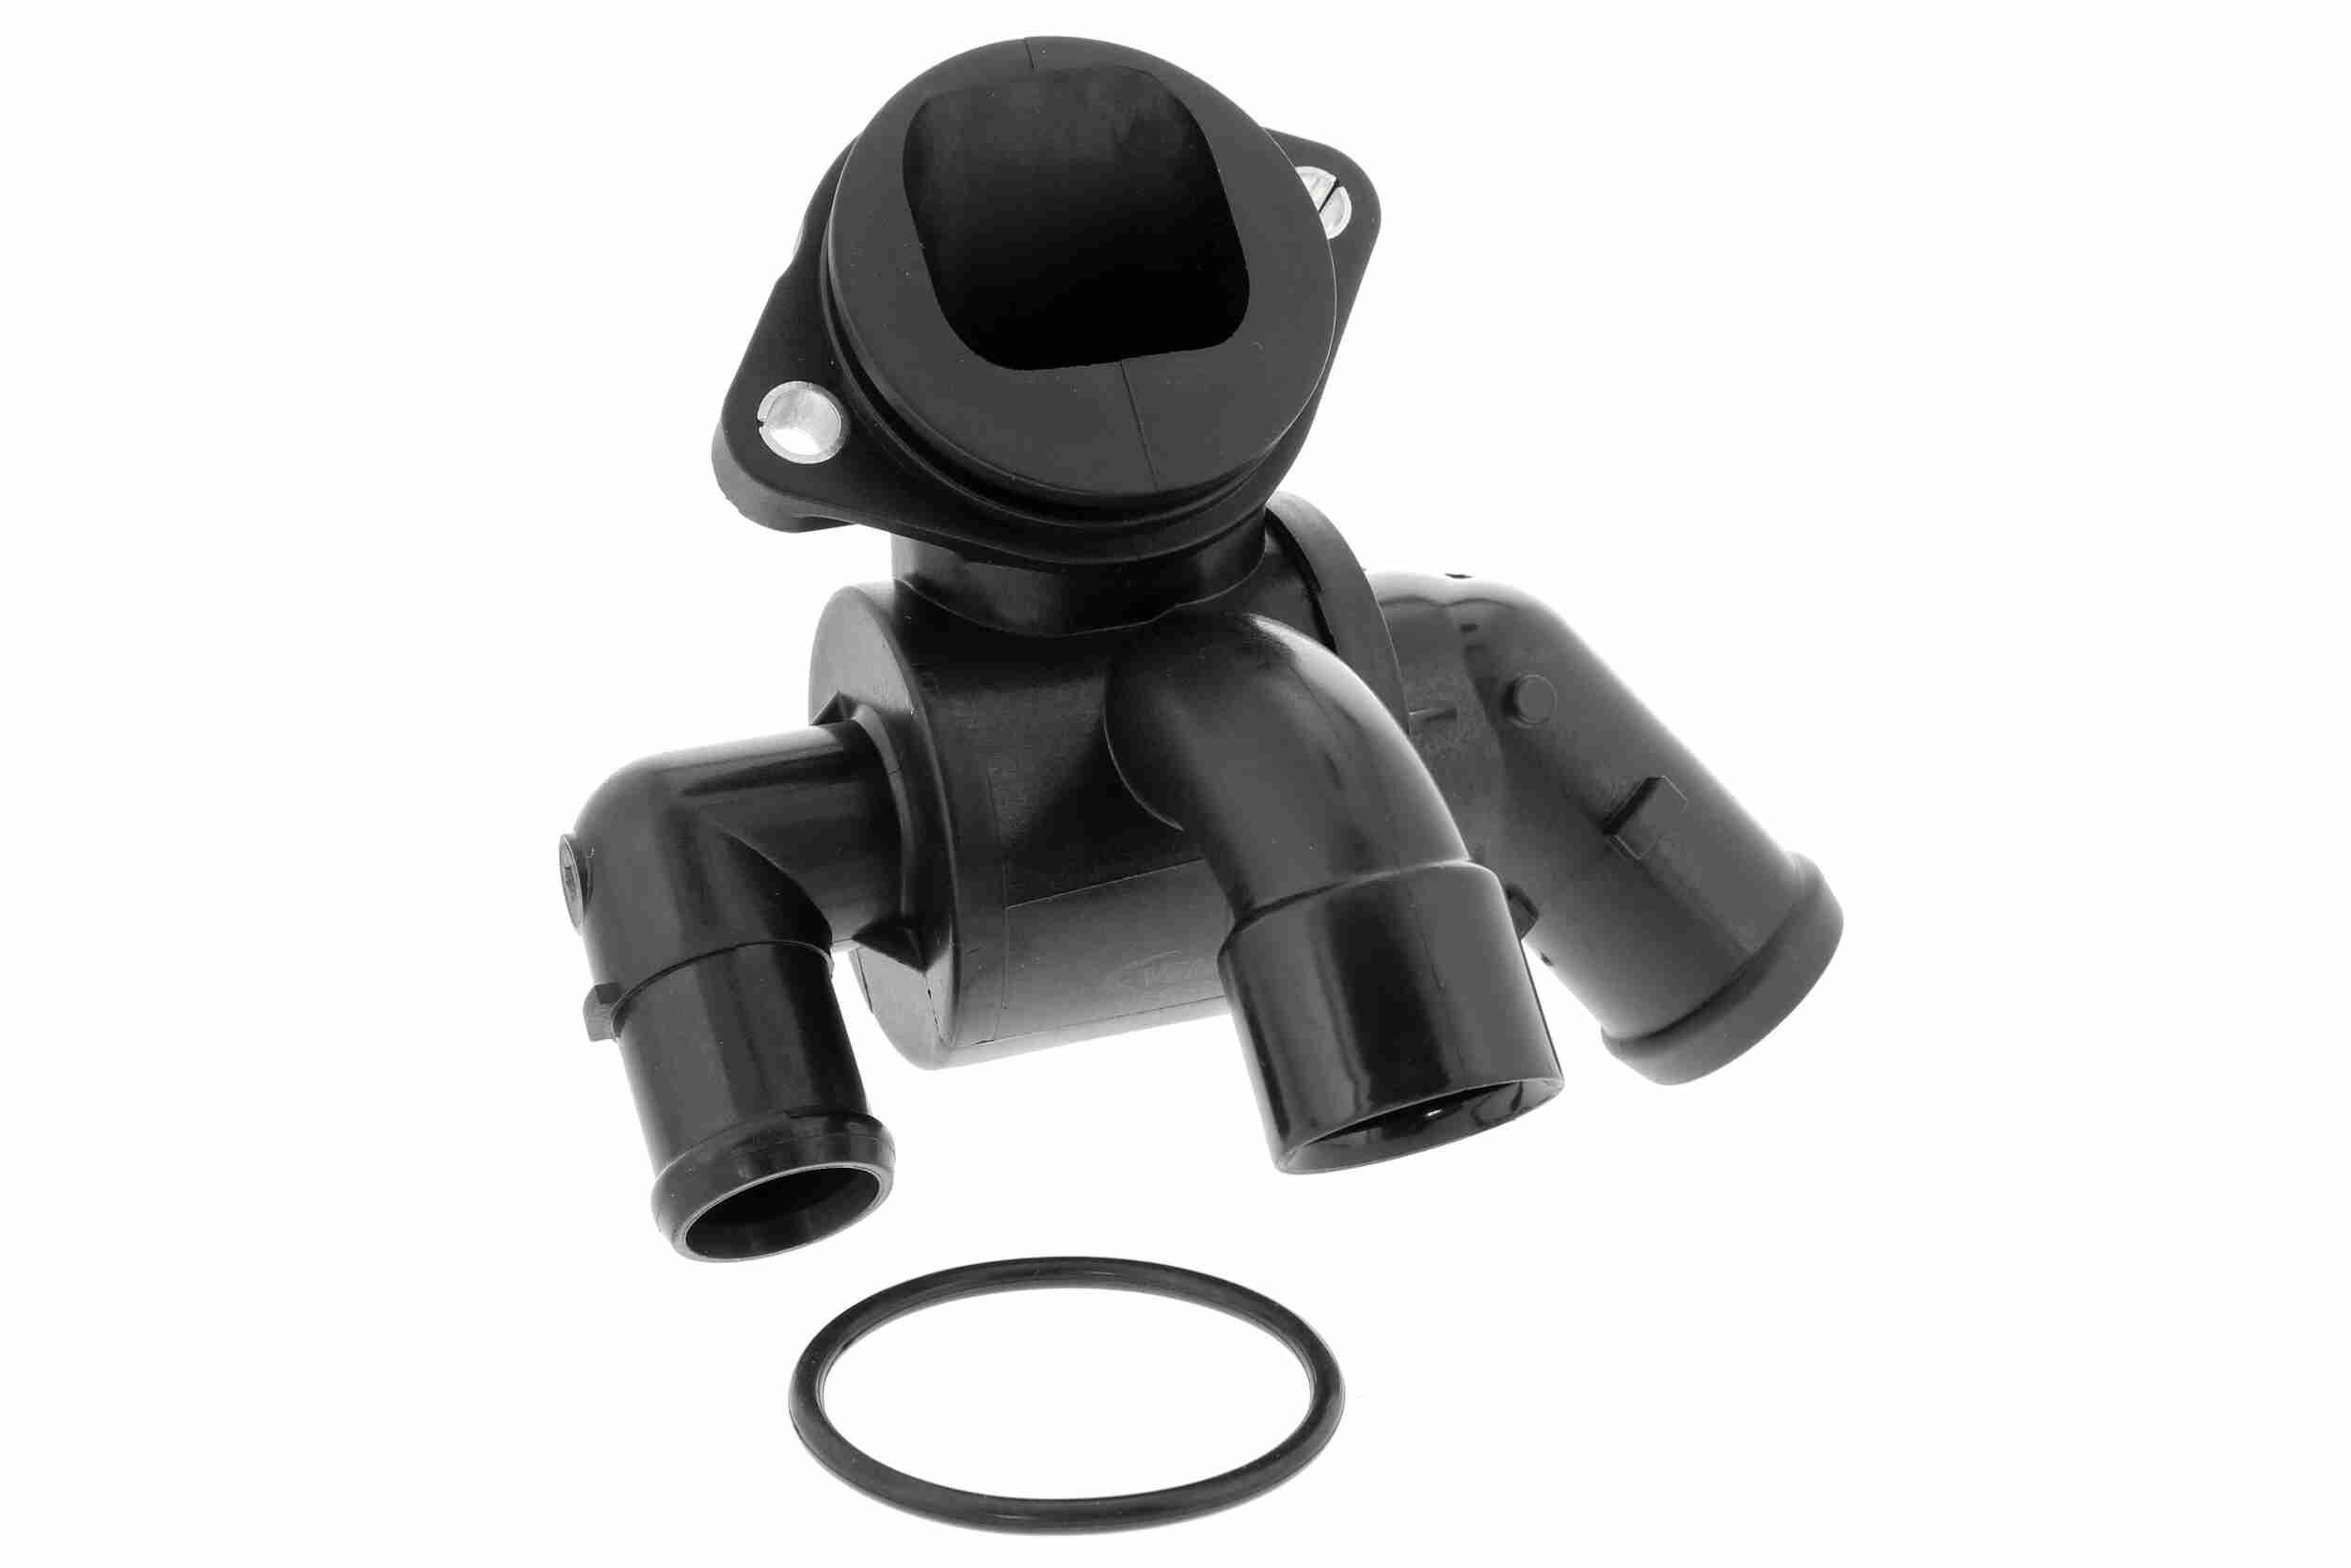 Thermostatgehäuse V15-99-2043-1 VEMO V15-99-2043-1 in Original Qualität